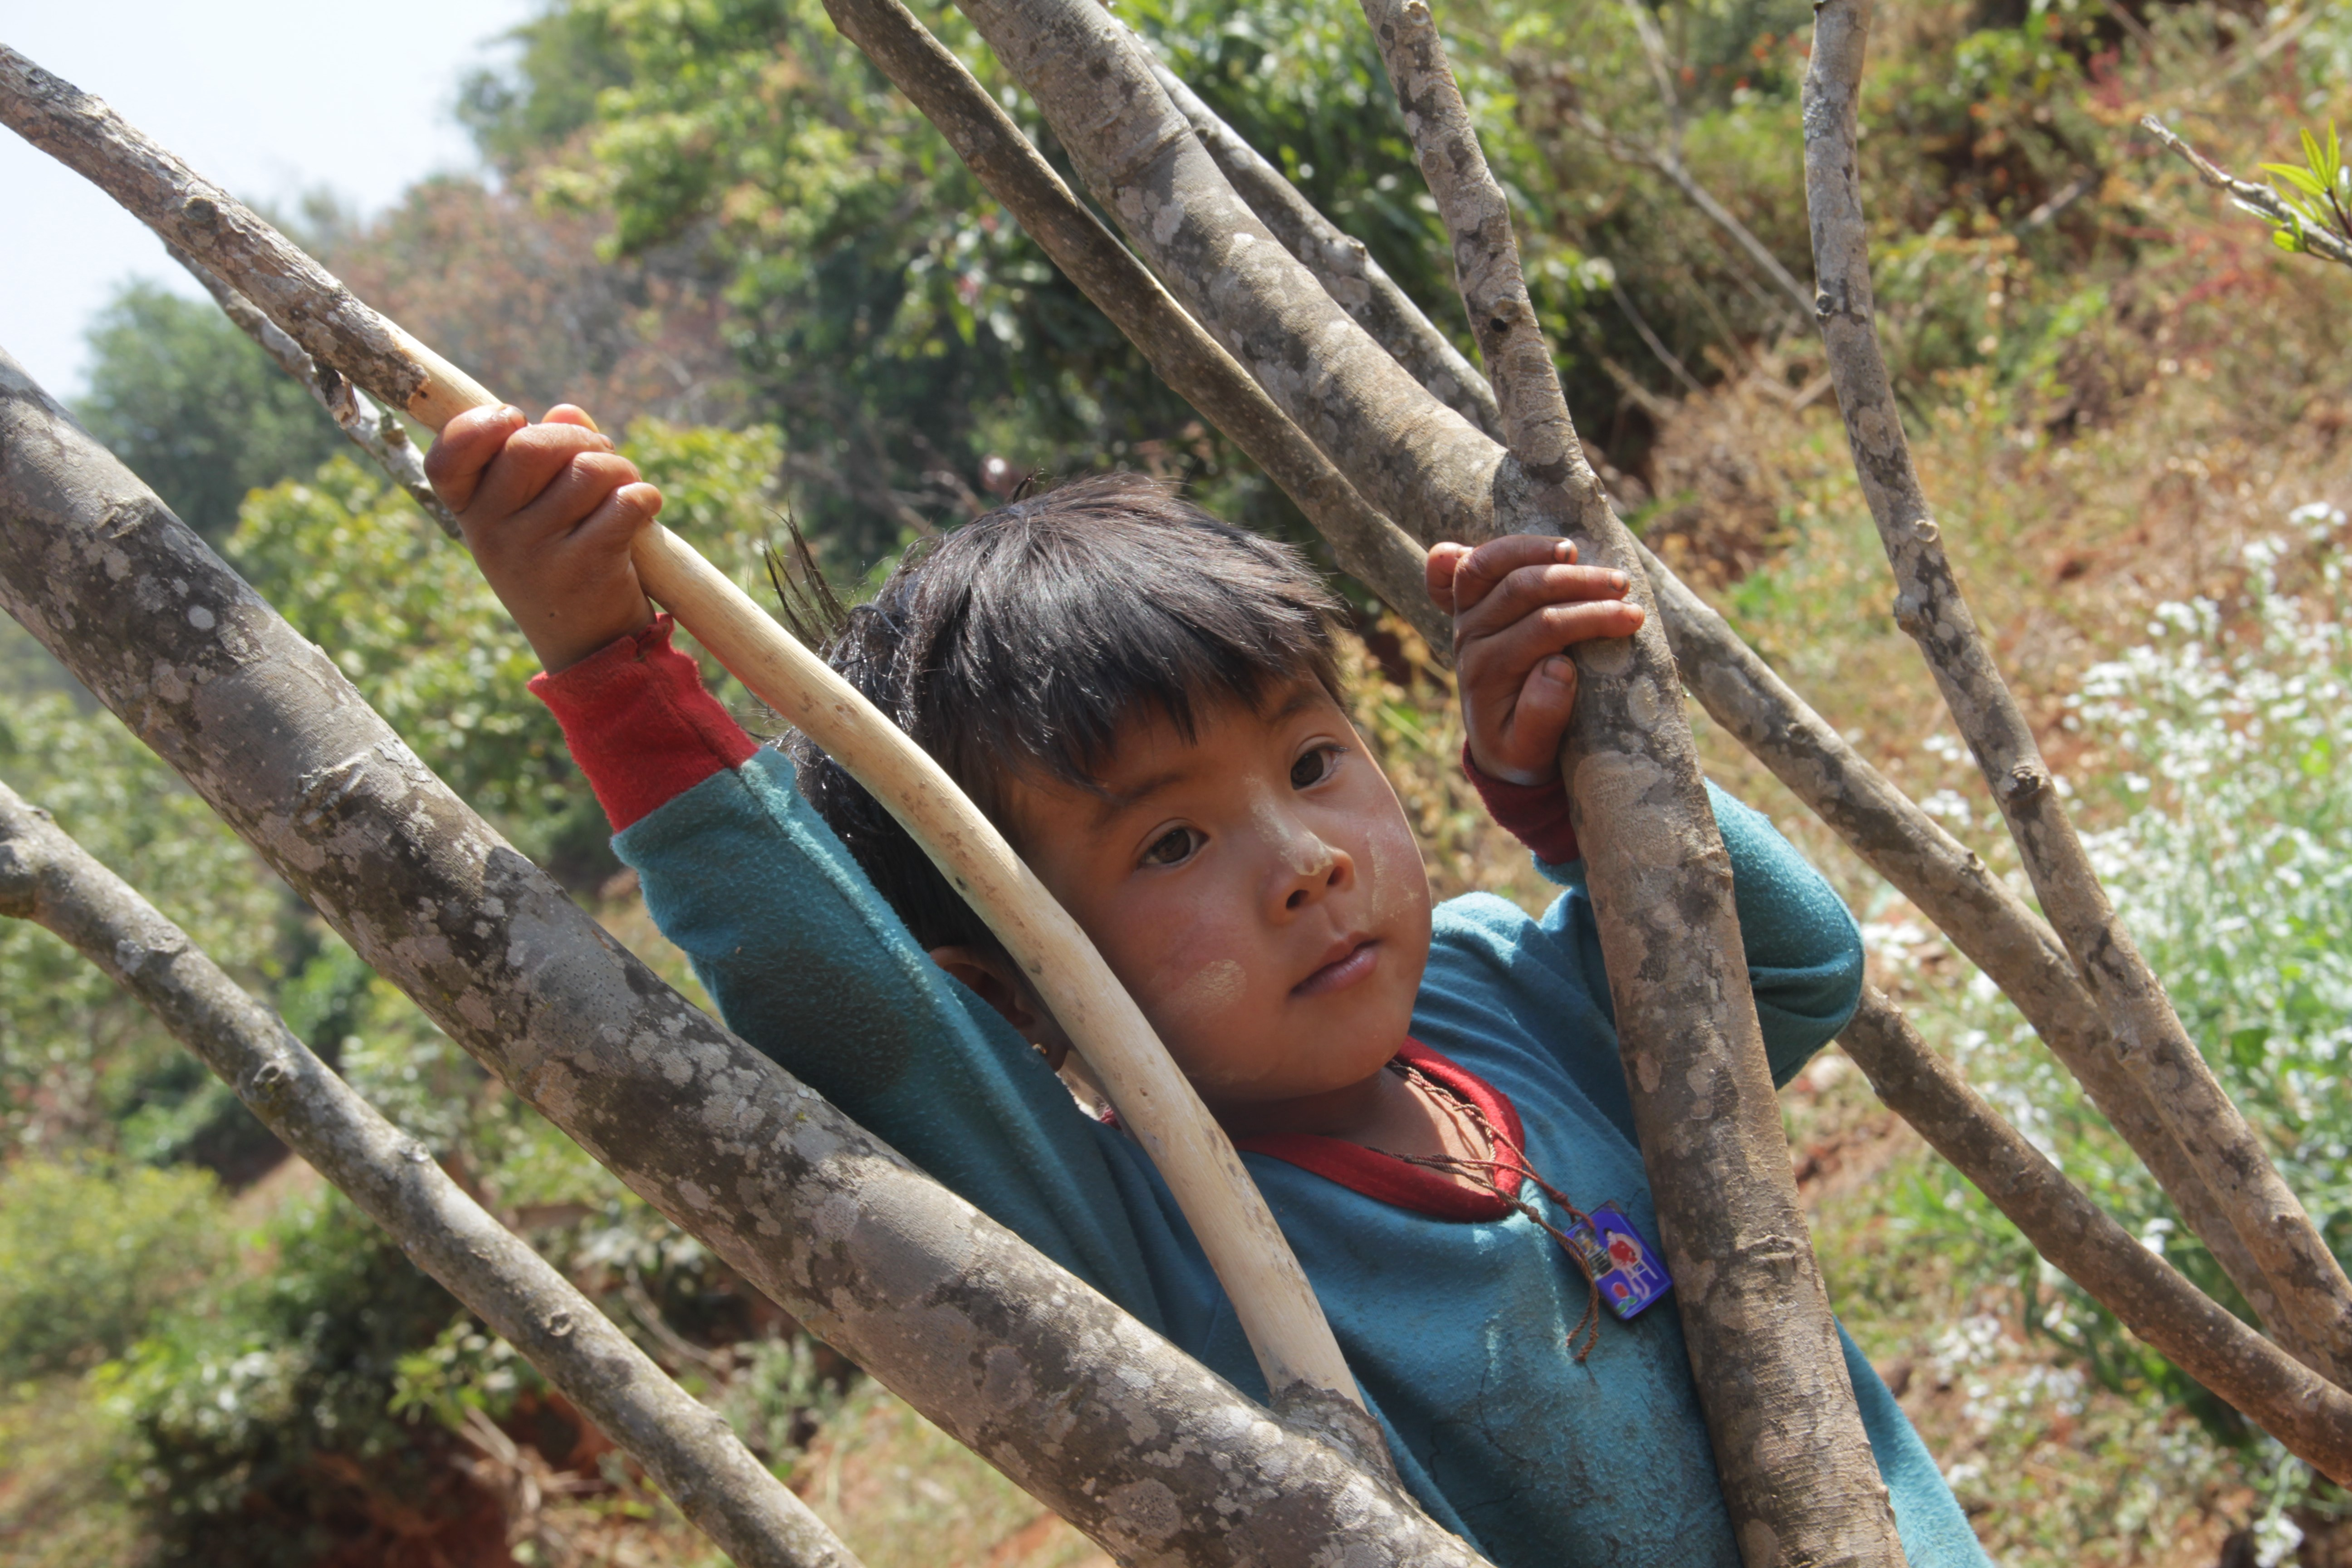 Perché sur un arbre, un enfant regarde passer les touristes dans son village (© Aurélie Bacheley).